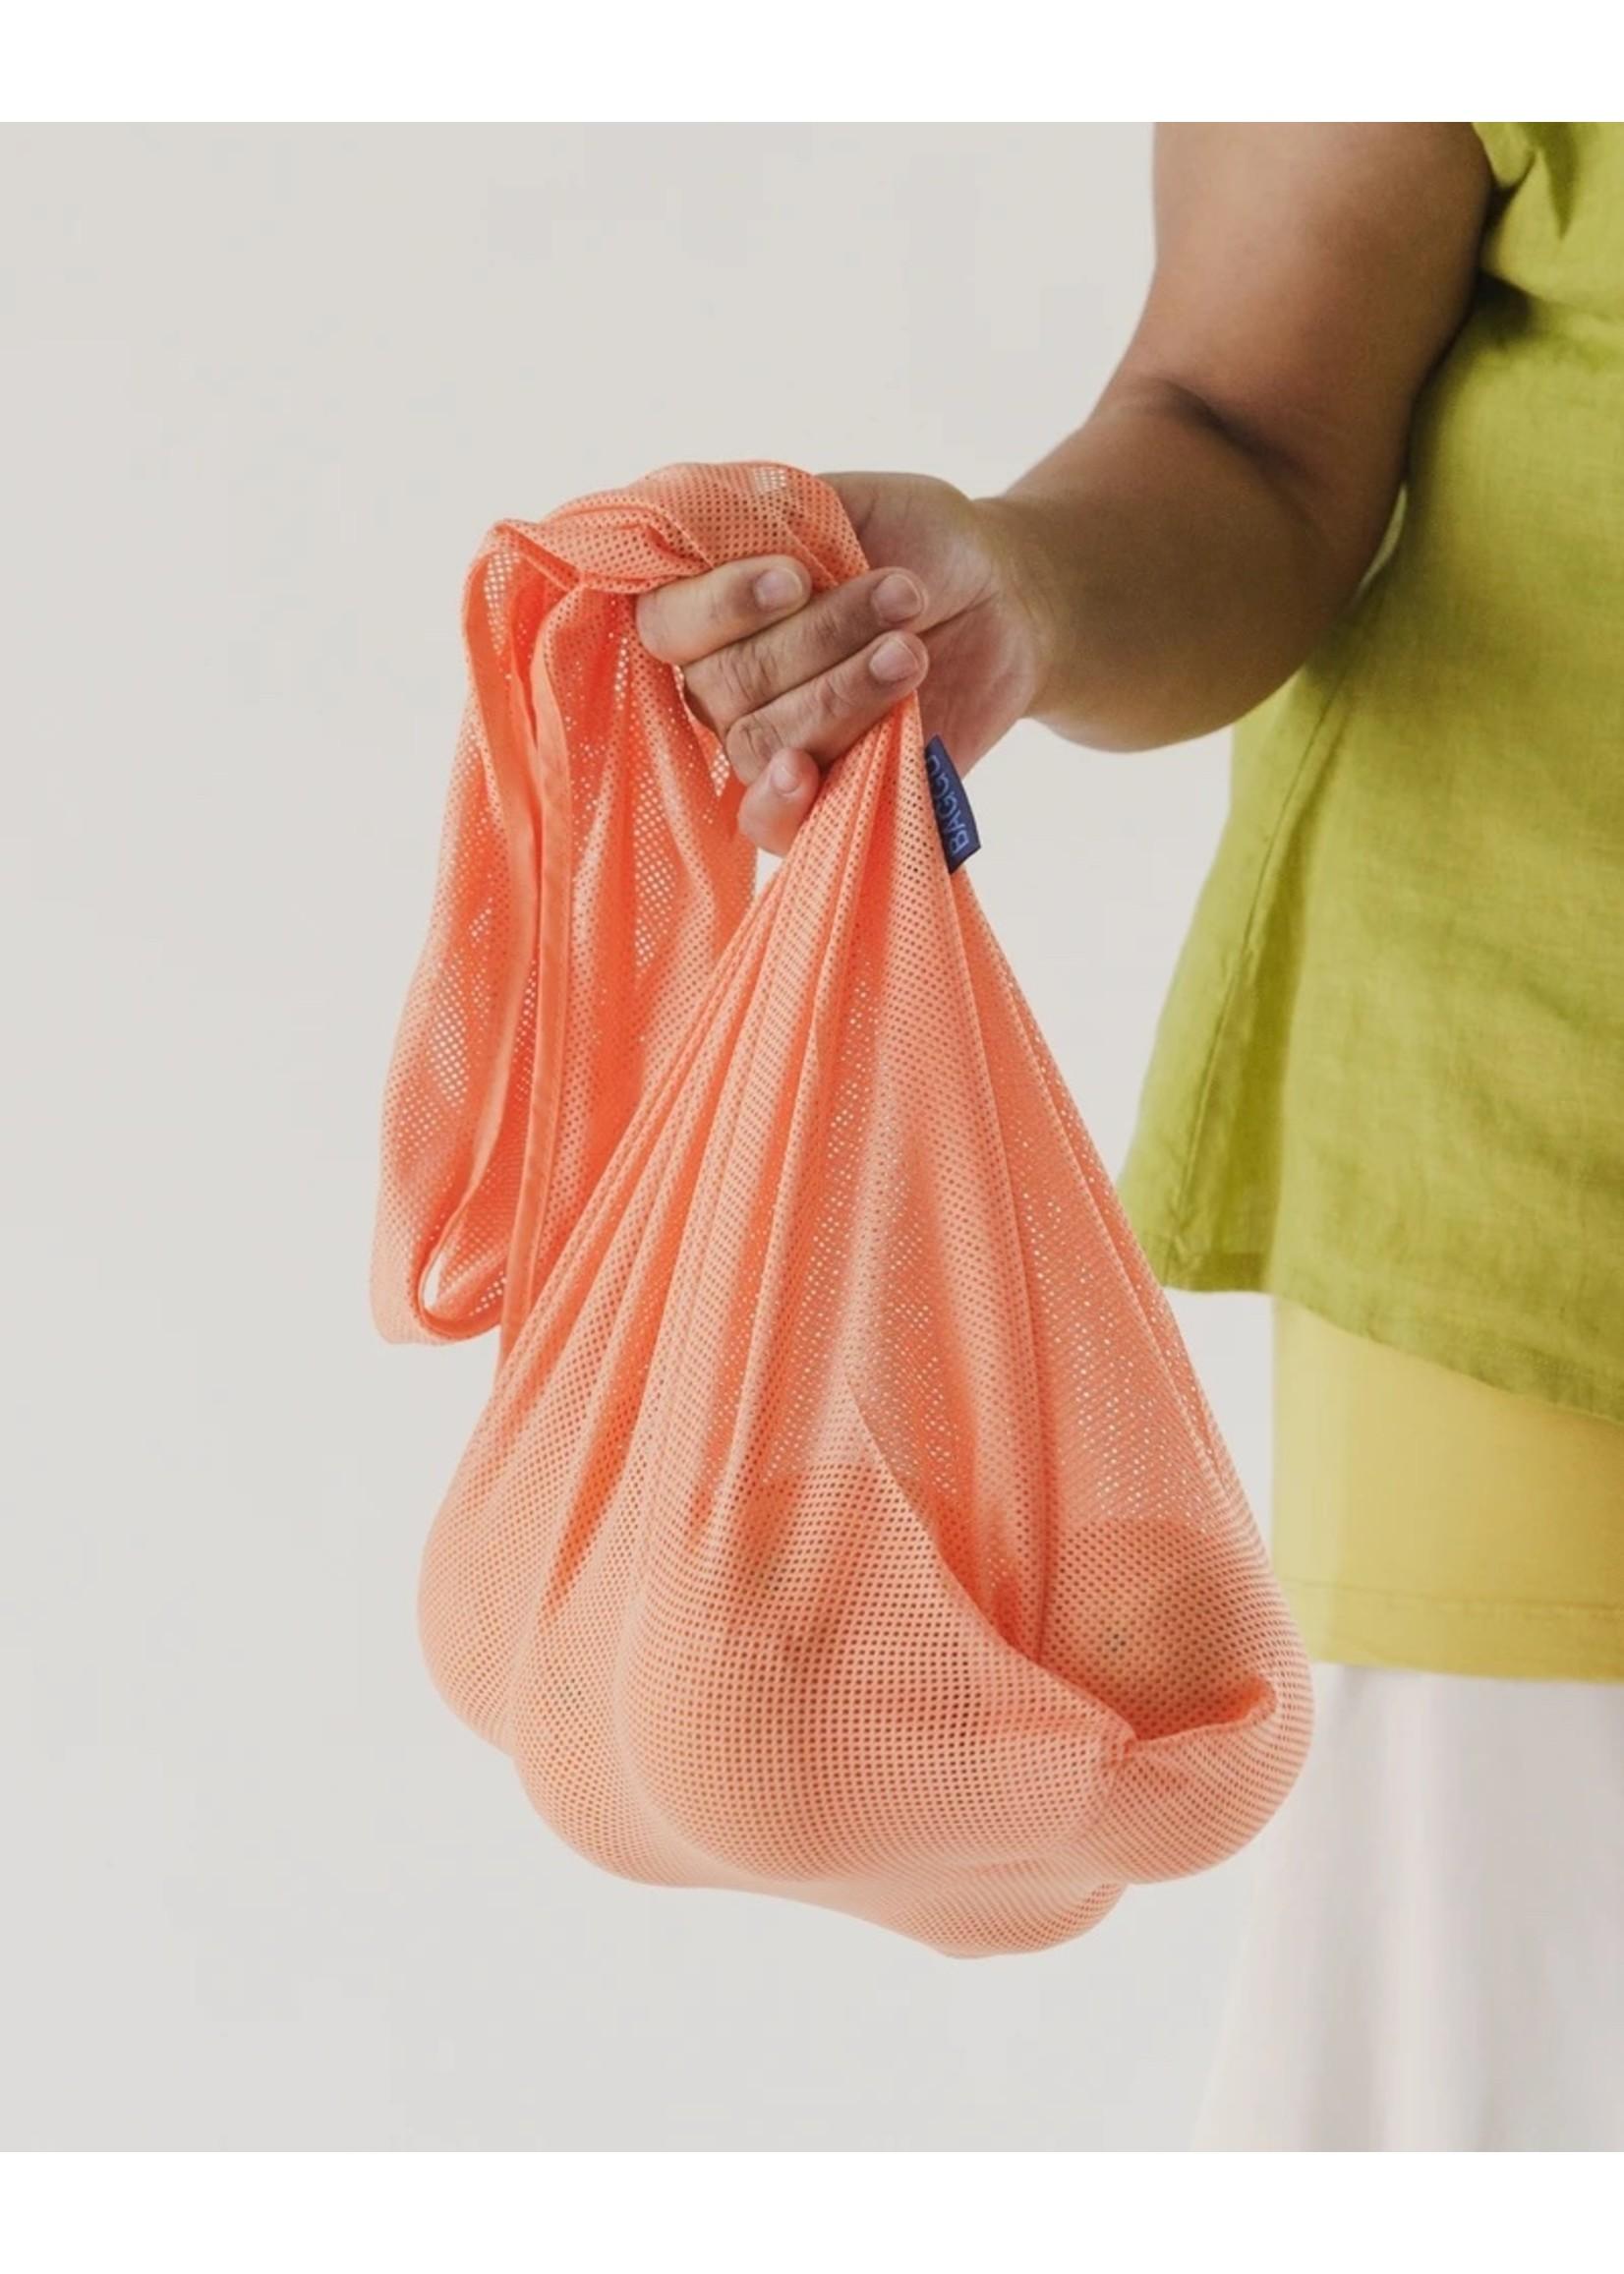 Baggu Baggu Mesh Reusable Bag - Cantaloupe